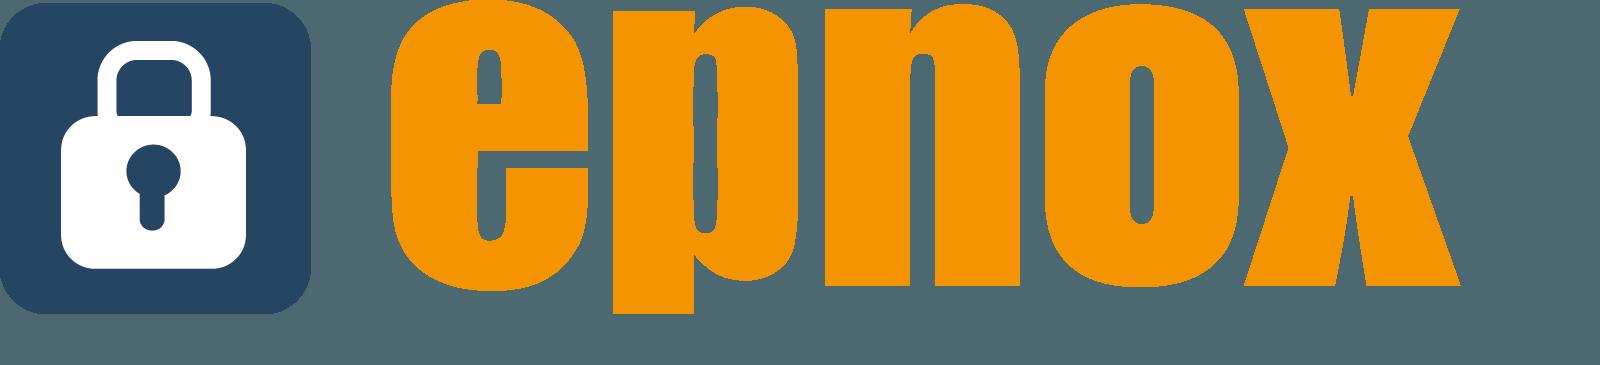 epnox Logo 1600x365